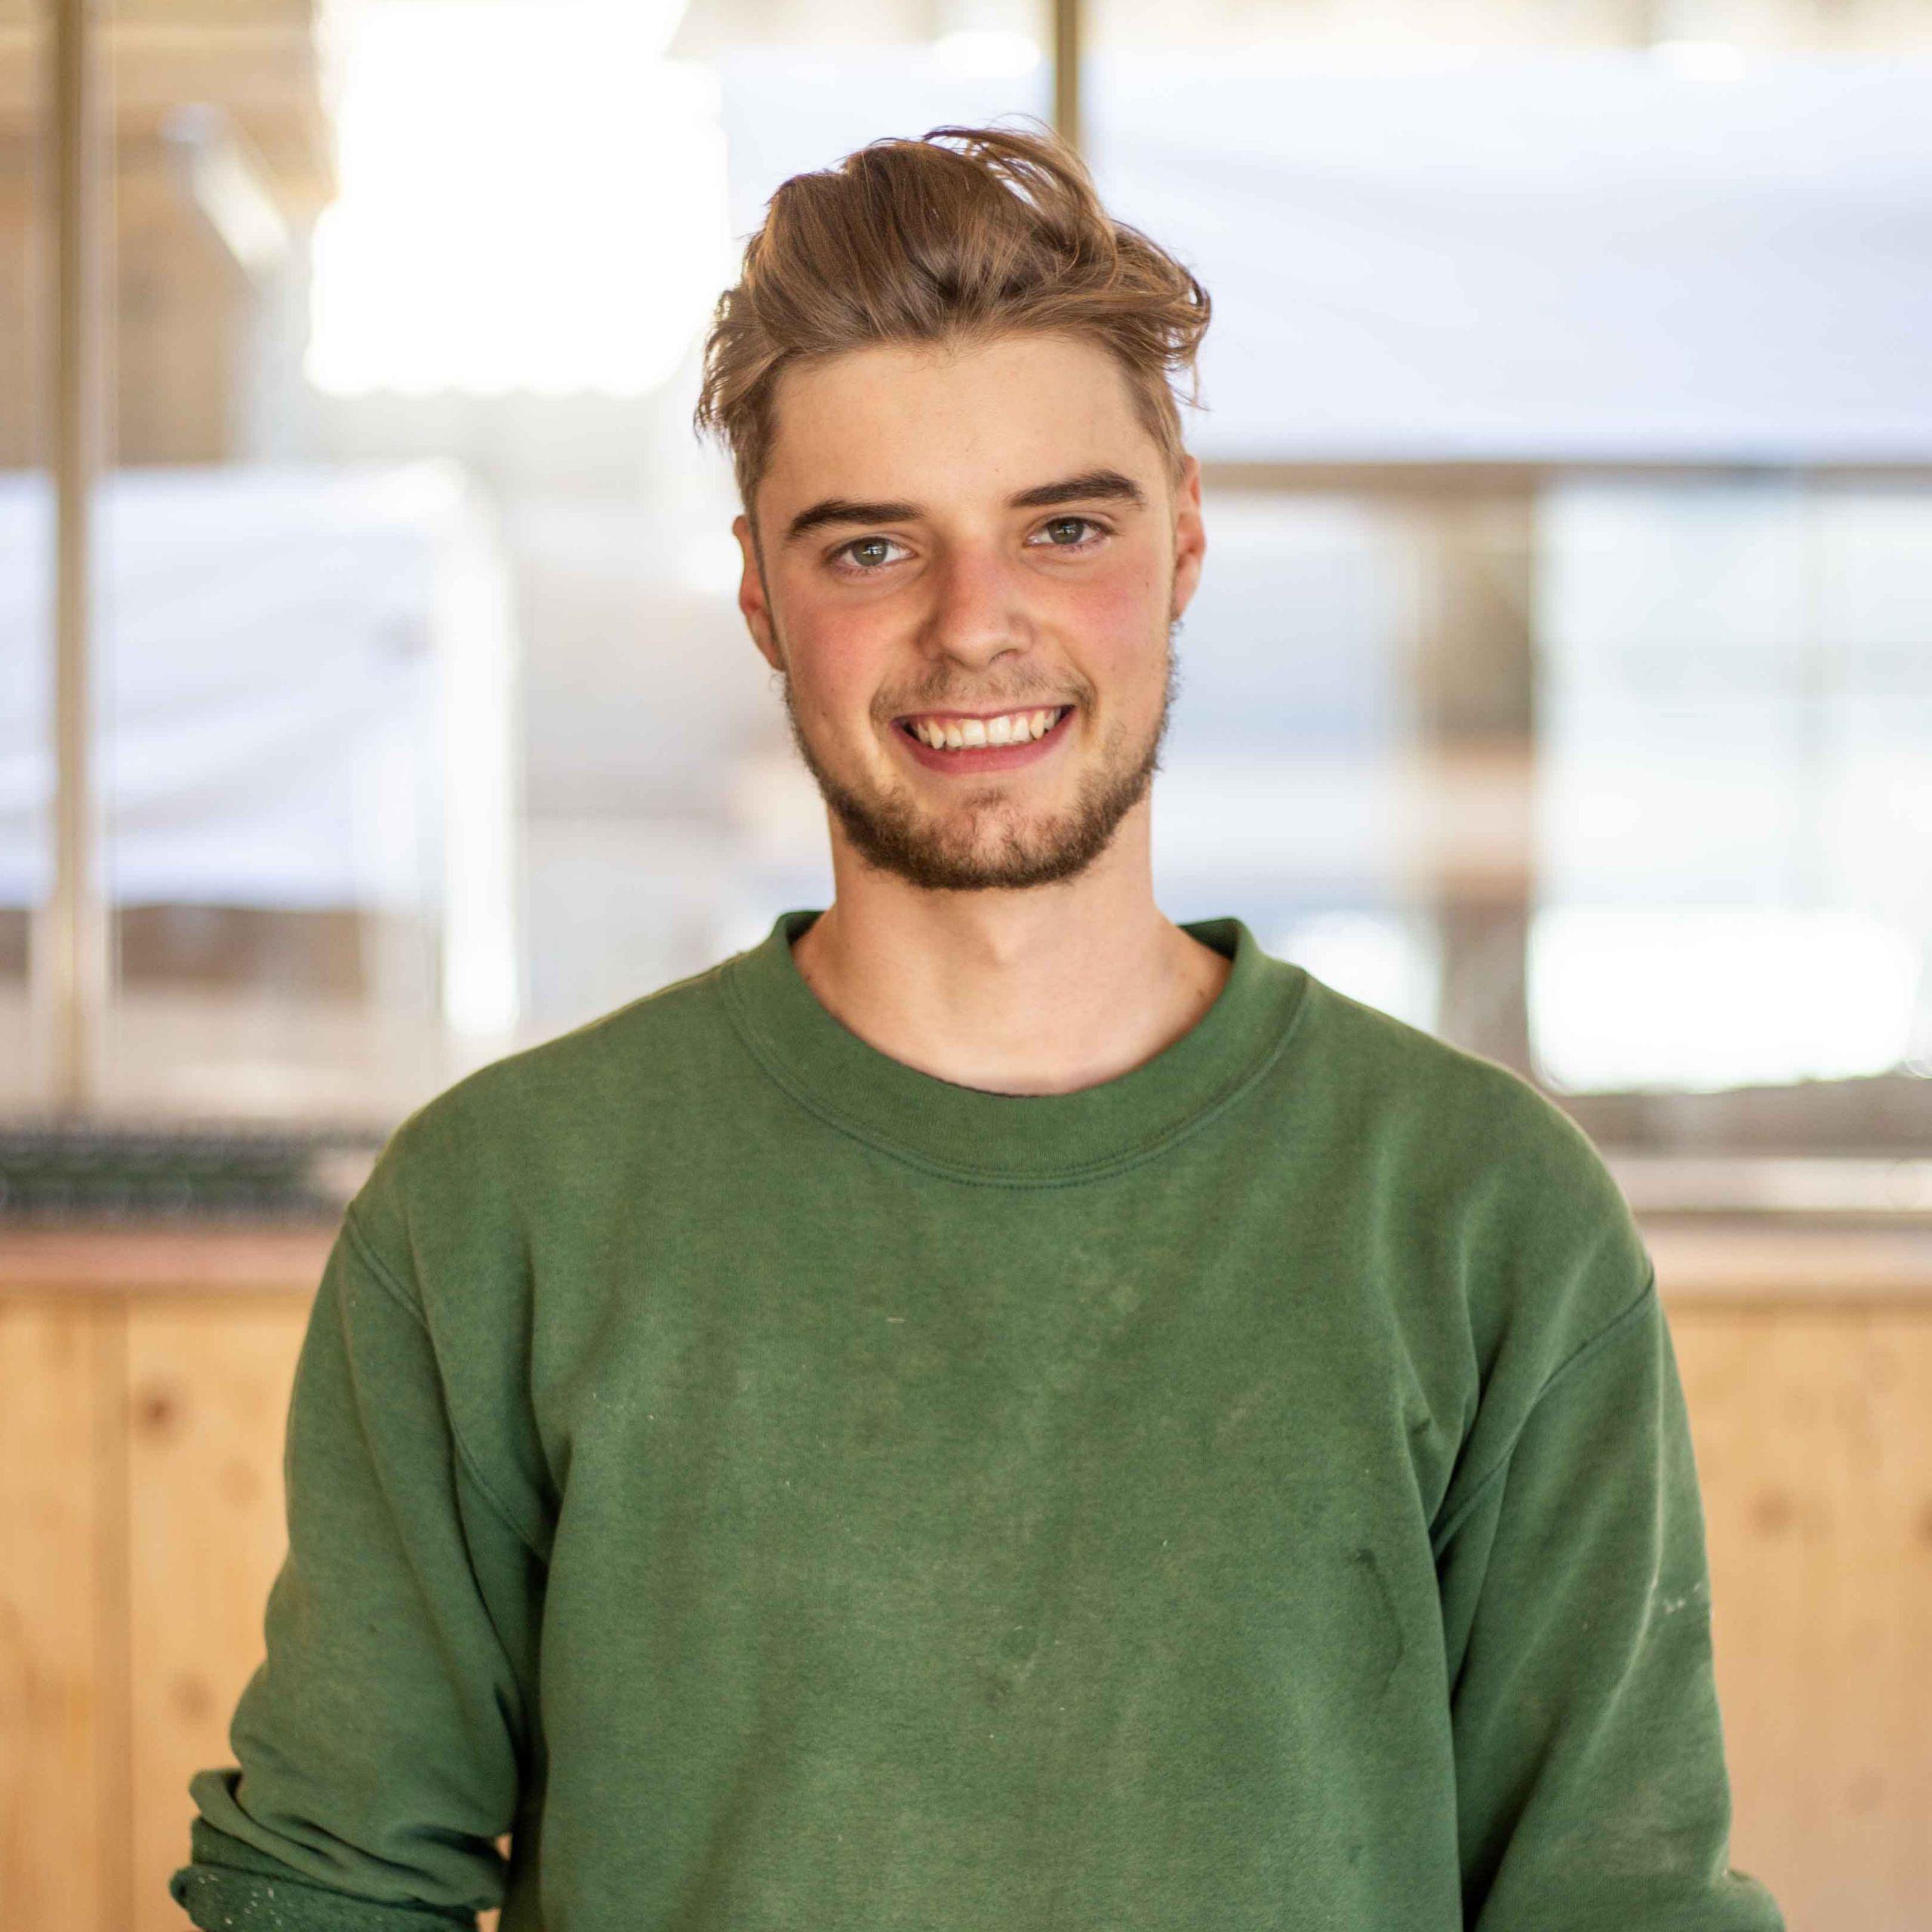 Elia Jörg